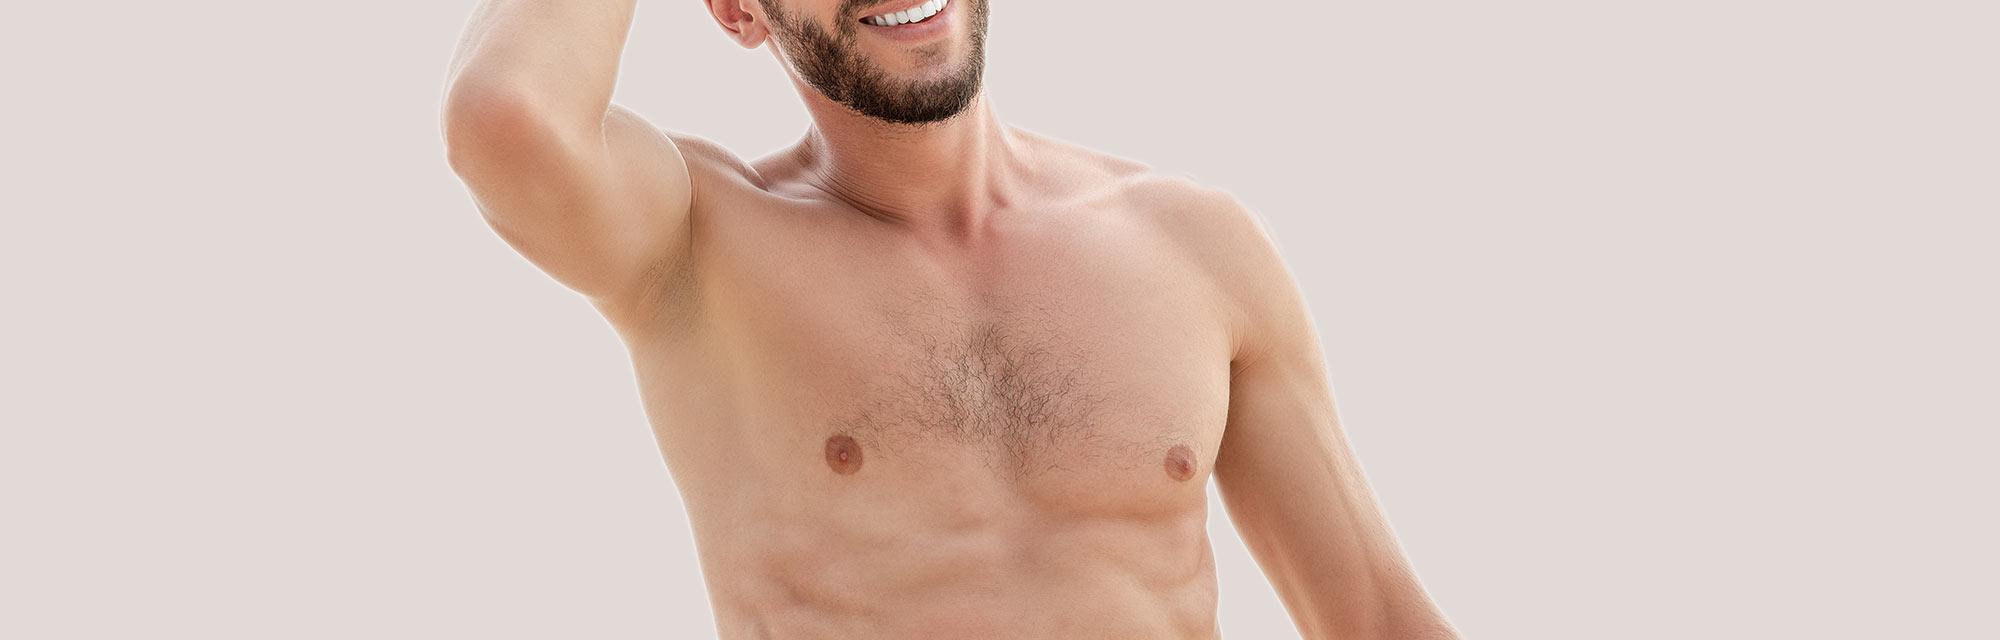 Gynäkomastie, Männliche Brust | Die Plastischen Chirurginnen Tirol